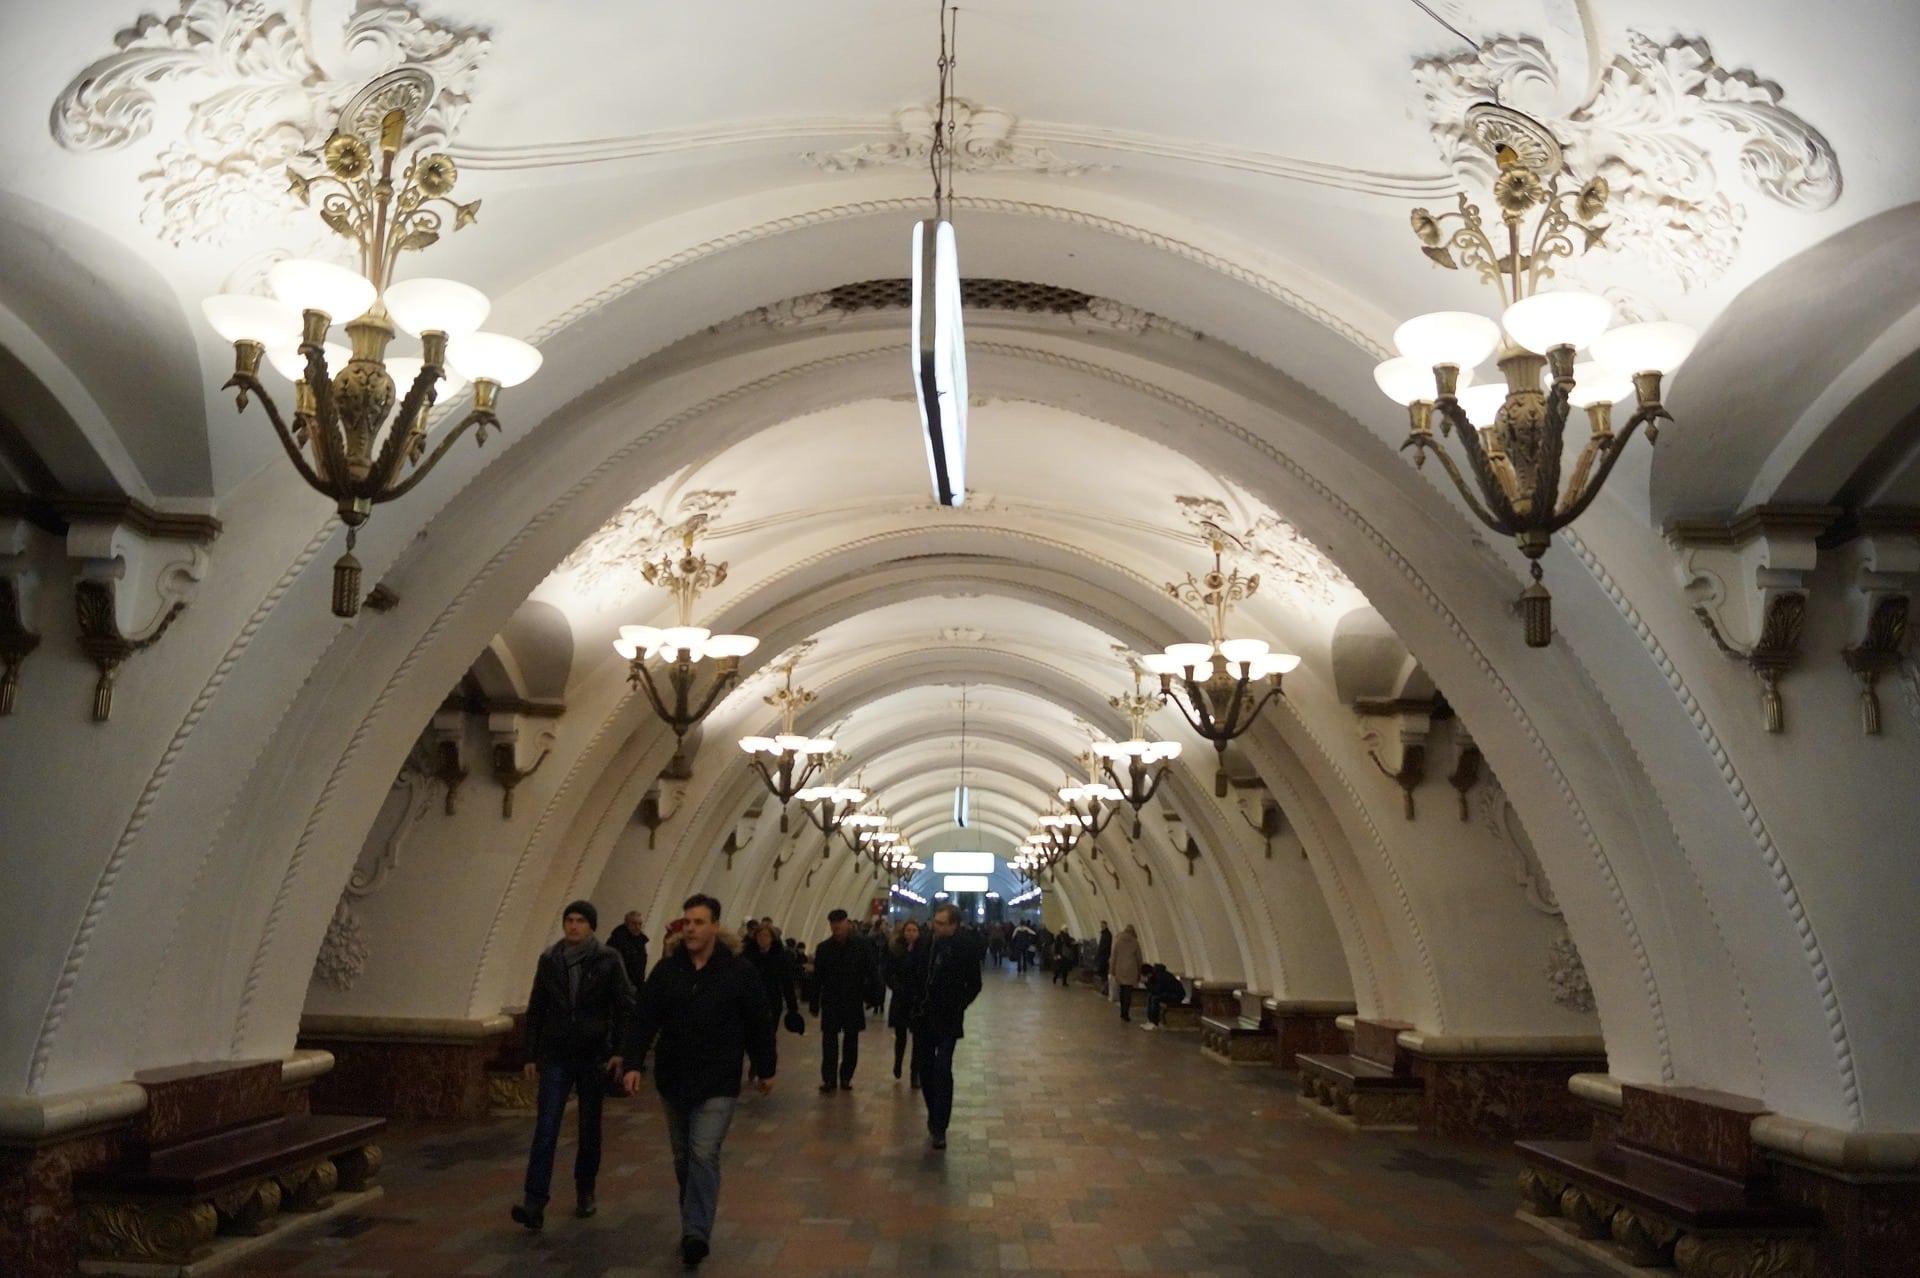 Estación del Metro de Moscú, Rusia, qué hacer en 3 días